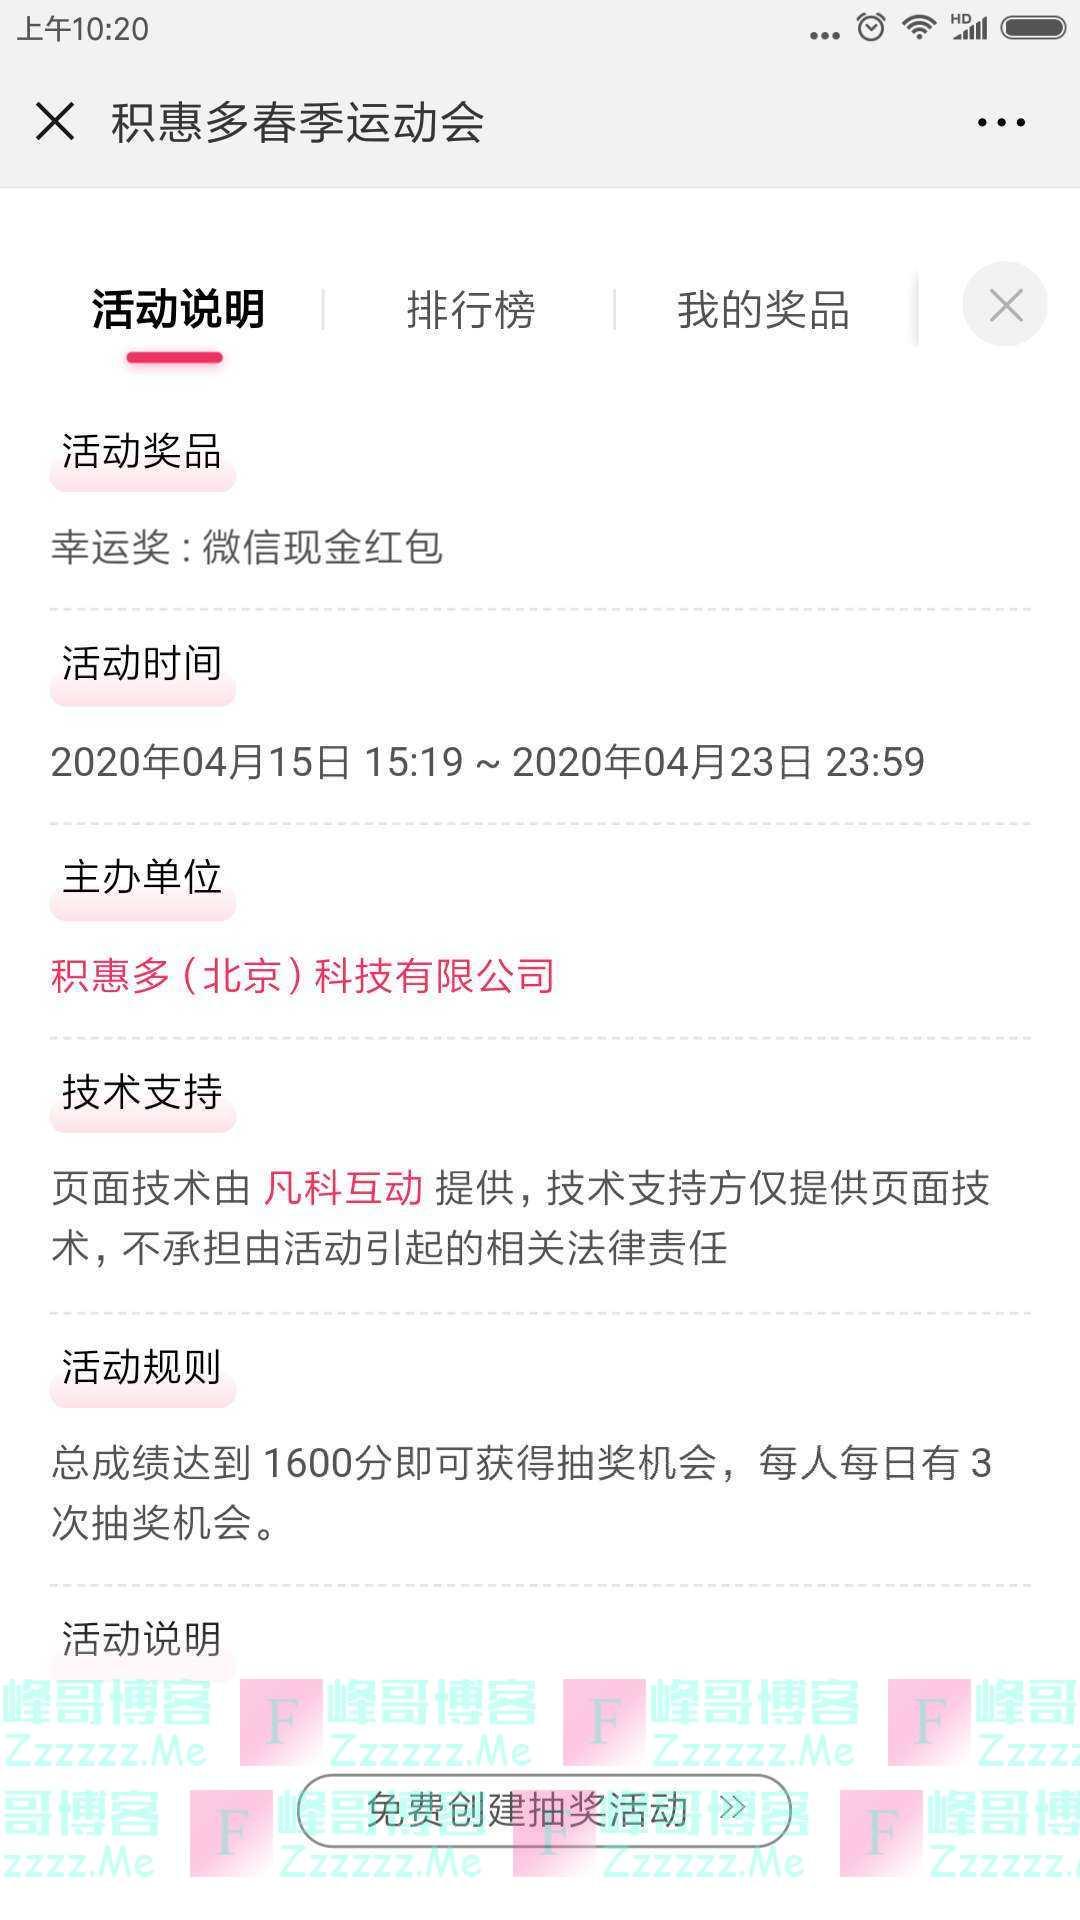 积惠多便利店积惠多春节运动会(截止4月23日)